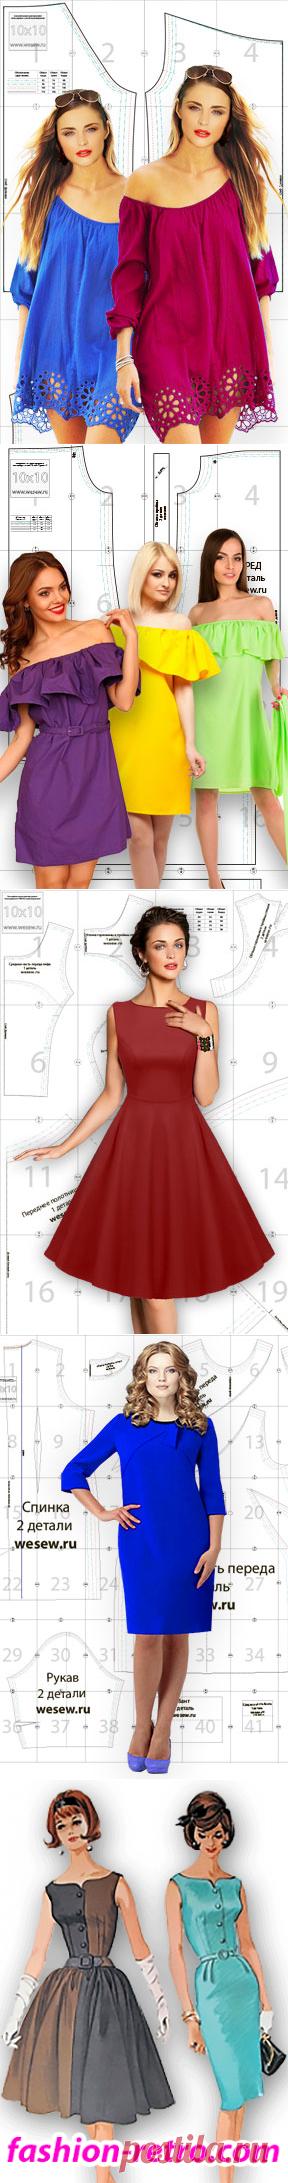 El patrón preparado de la túnica a la moda veraniega en cuatro dimensiones